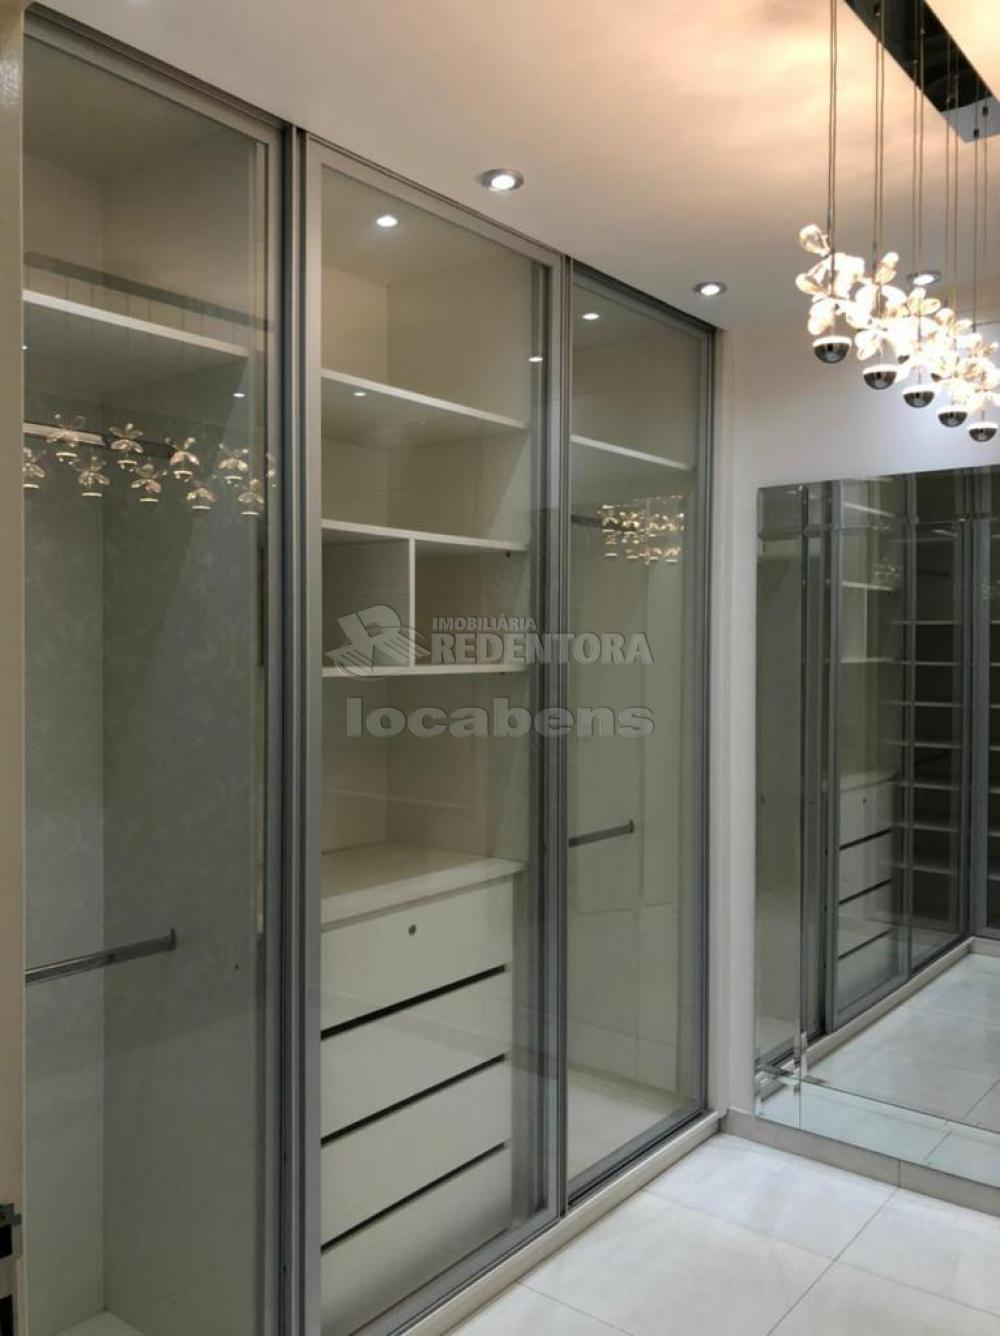 Comprar Apartamento / Padrão em São José do Rio Preto R$ 450.000,00 - Foto 2